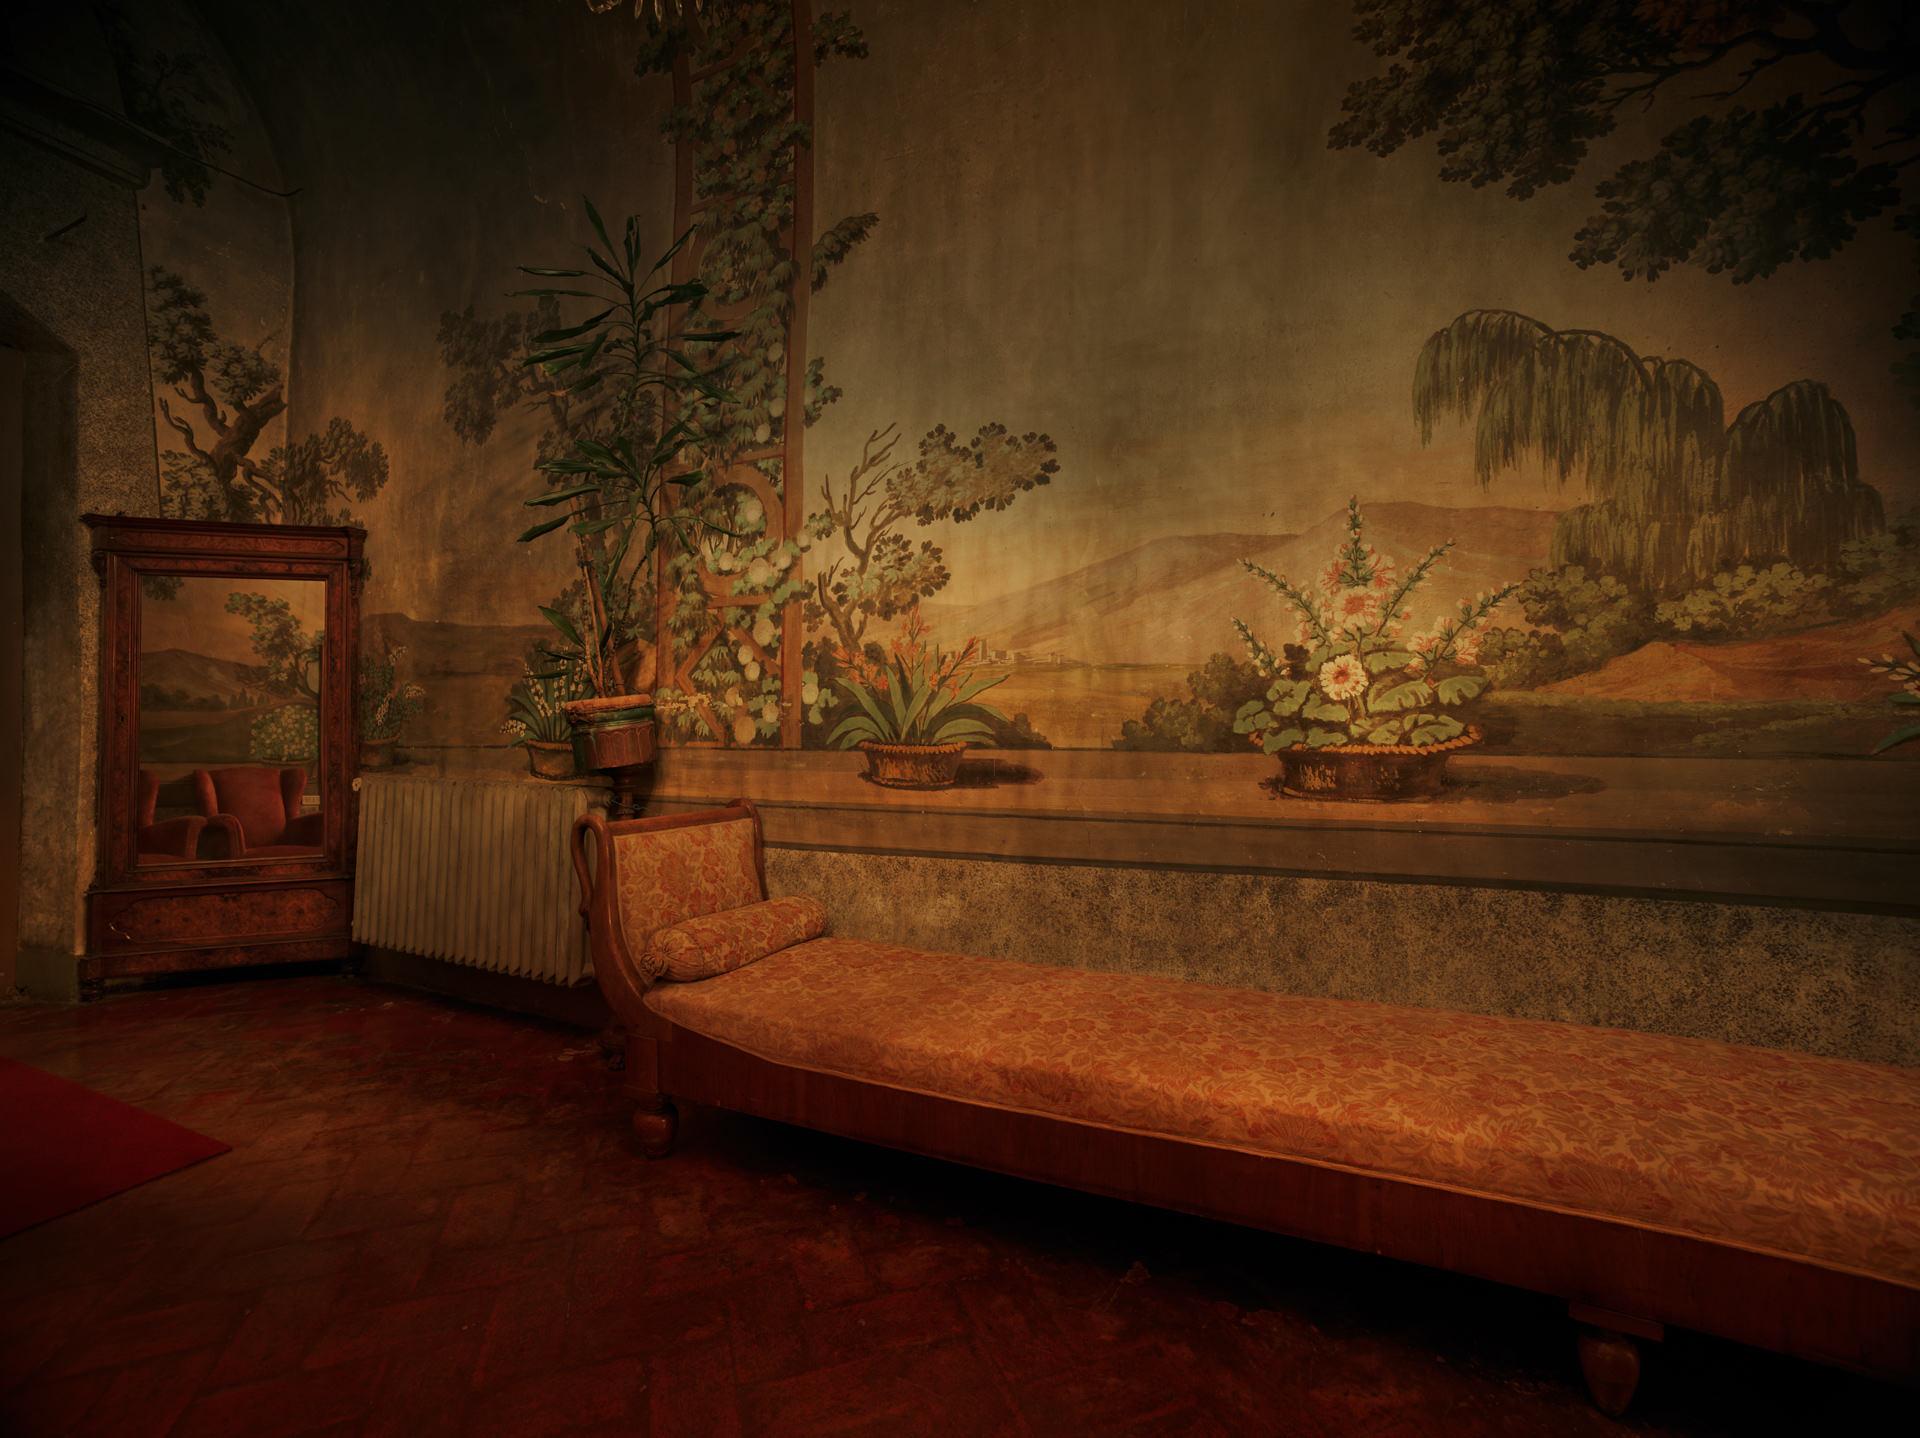 ©ankeluckmann1340, Villa Villoresi Hotel, Architecture, Interior, Italy, anke luckmann, interior